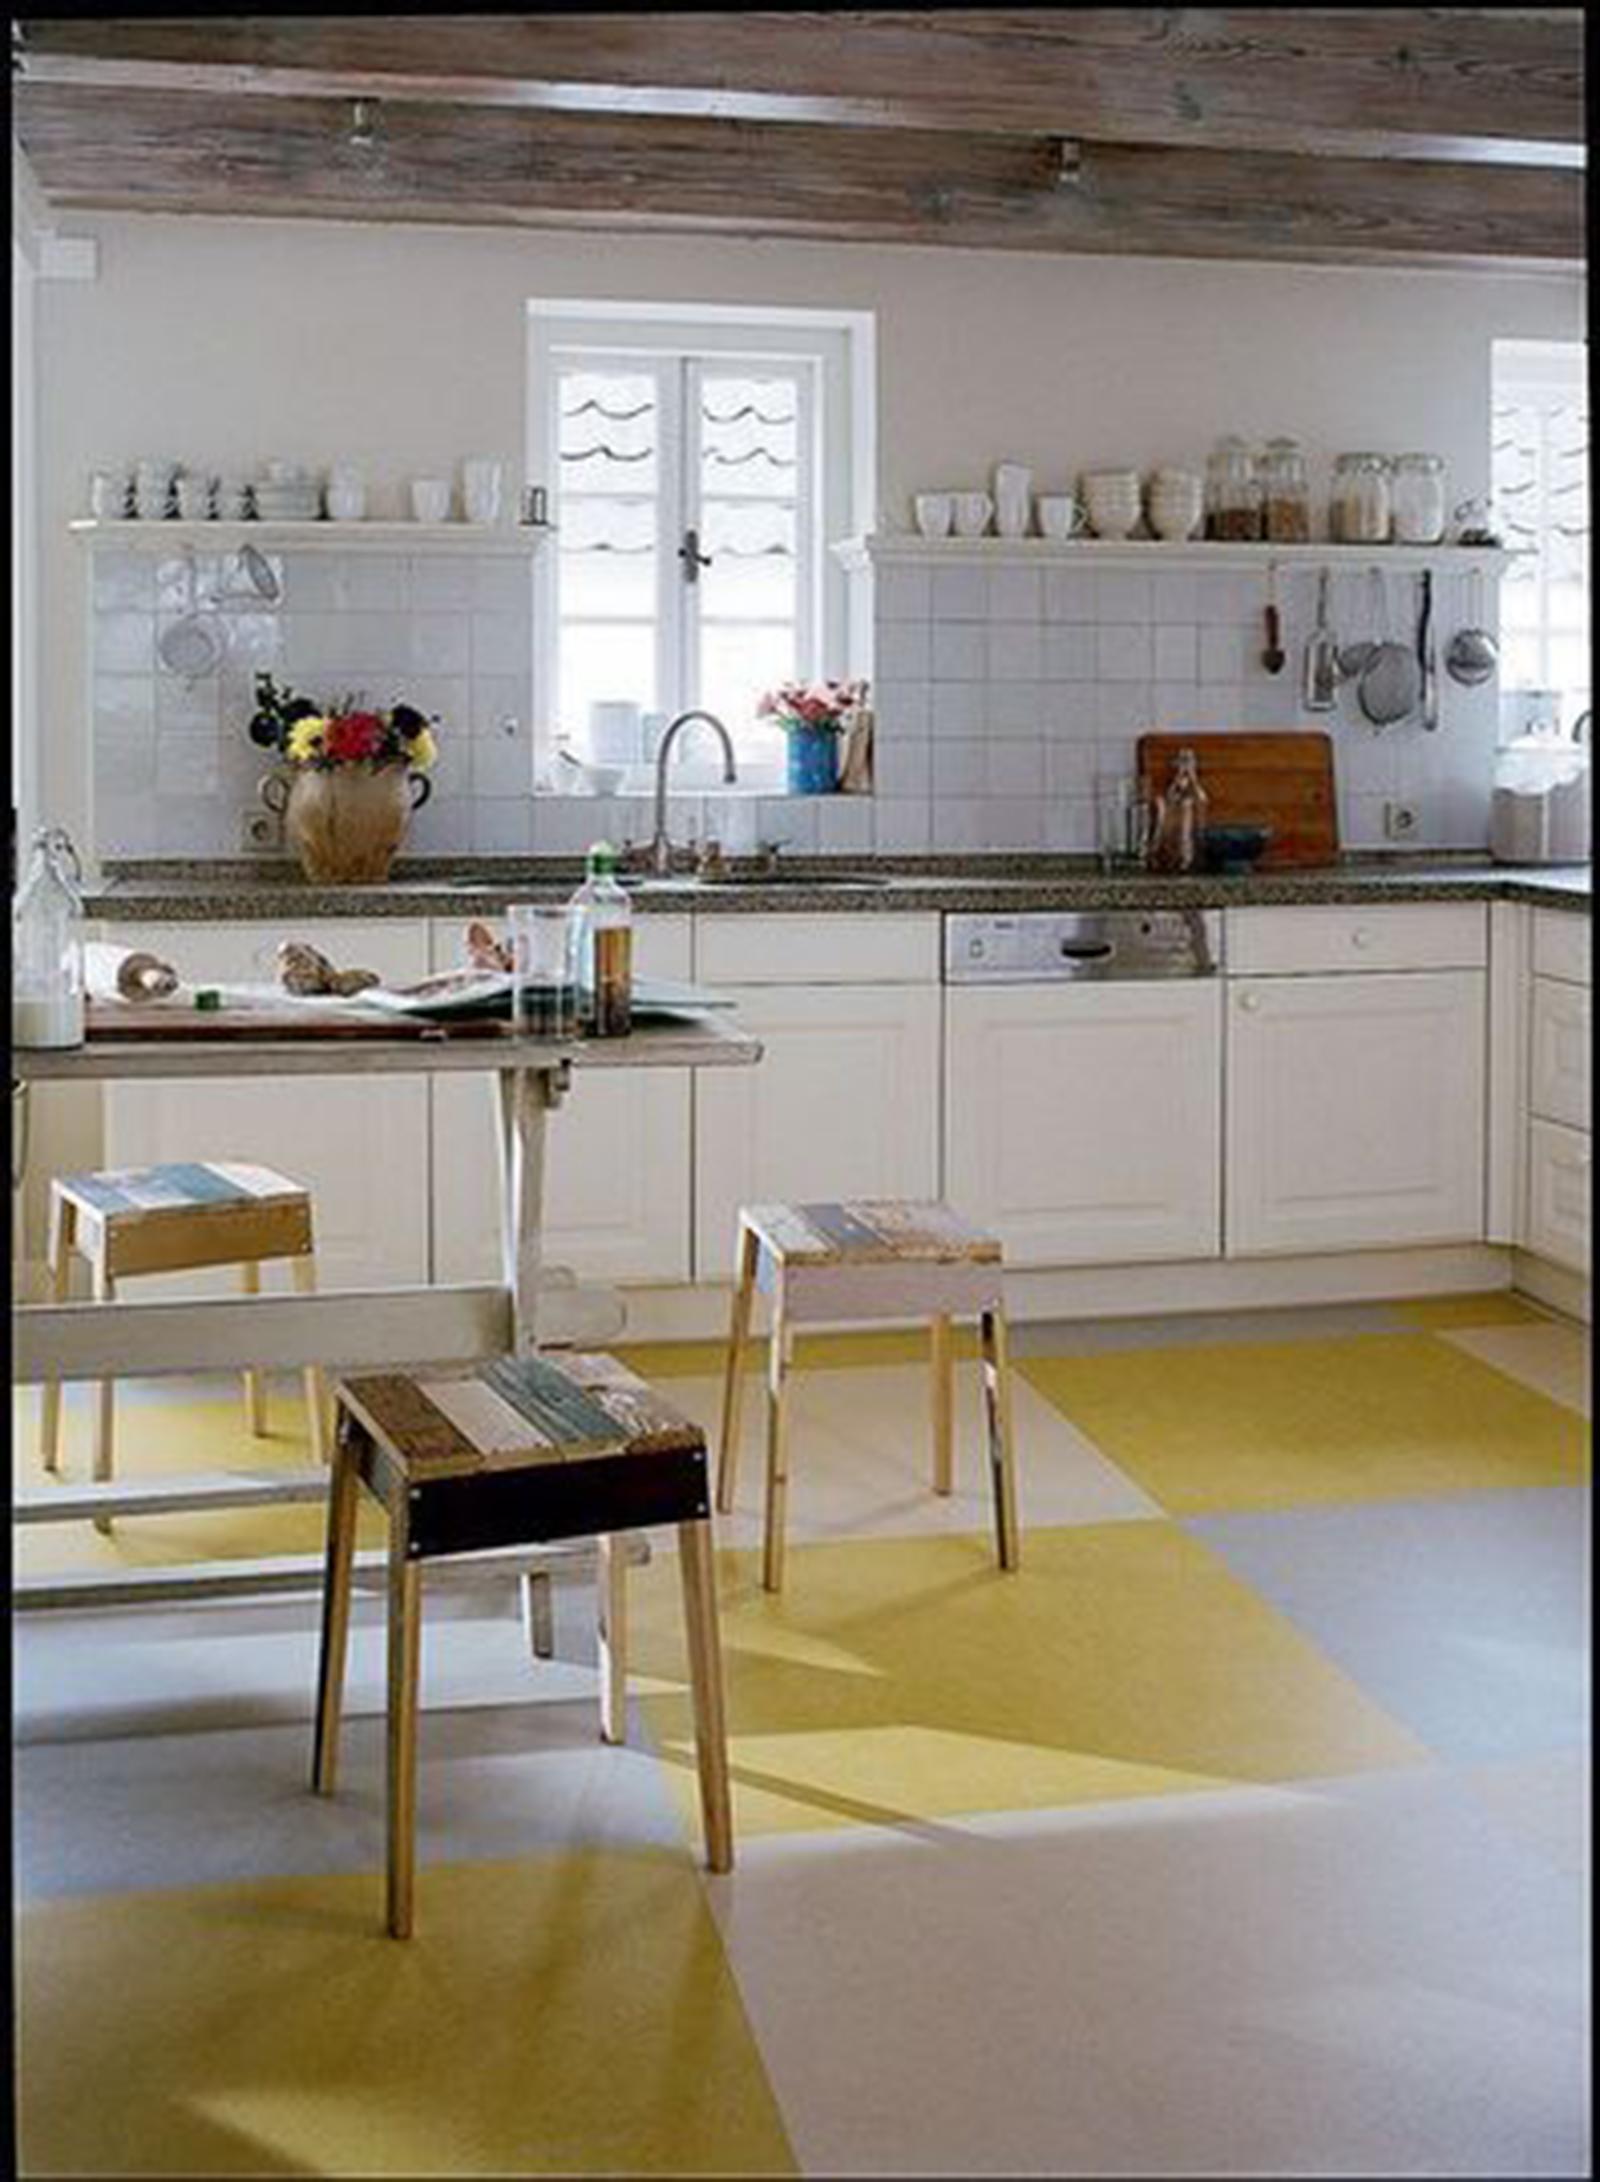 Revetement sol cuisine forbo viving - Revetement sol cuisine professionnelle ...